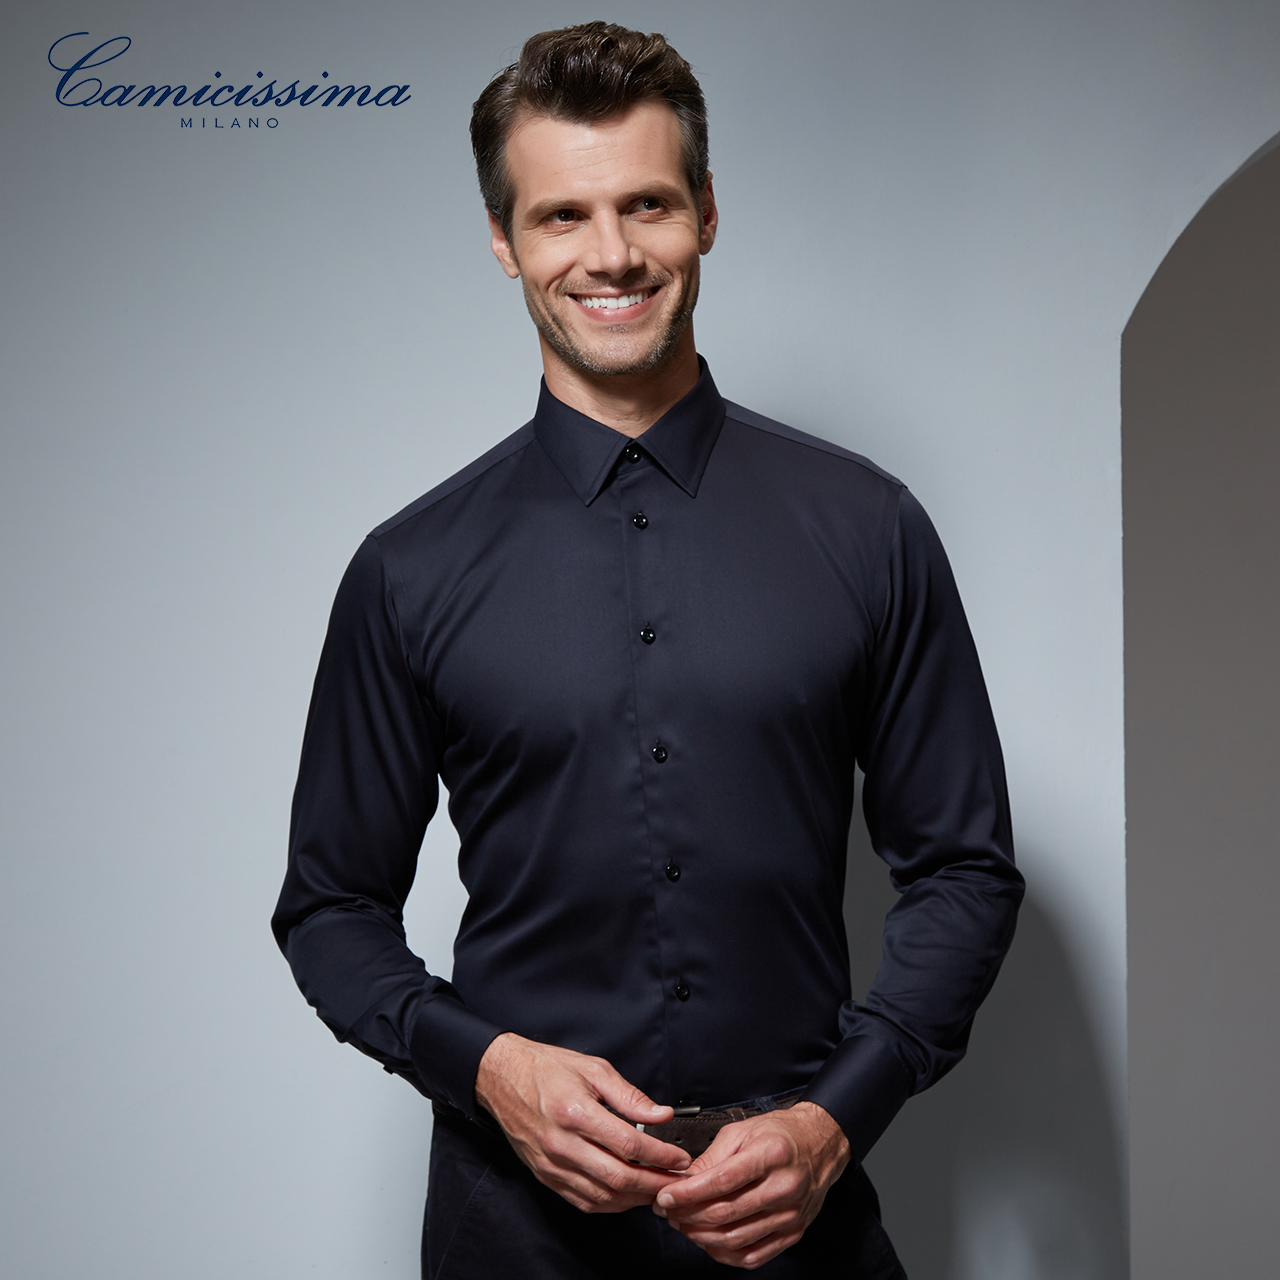 恺米切男士修身商务免烫蓝色长袖衬衫 秋冬款纯棉时尚衬衣